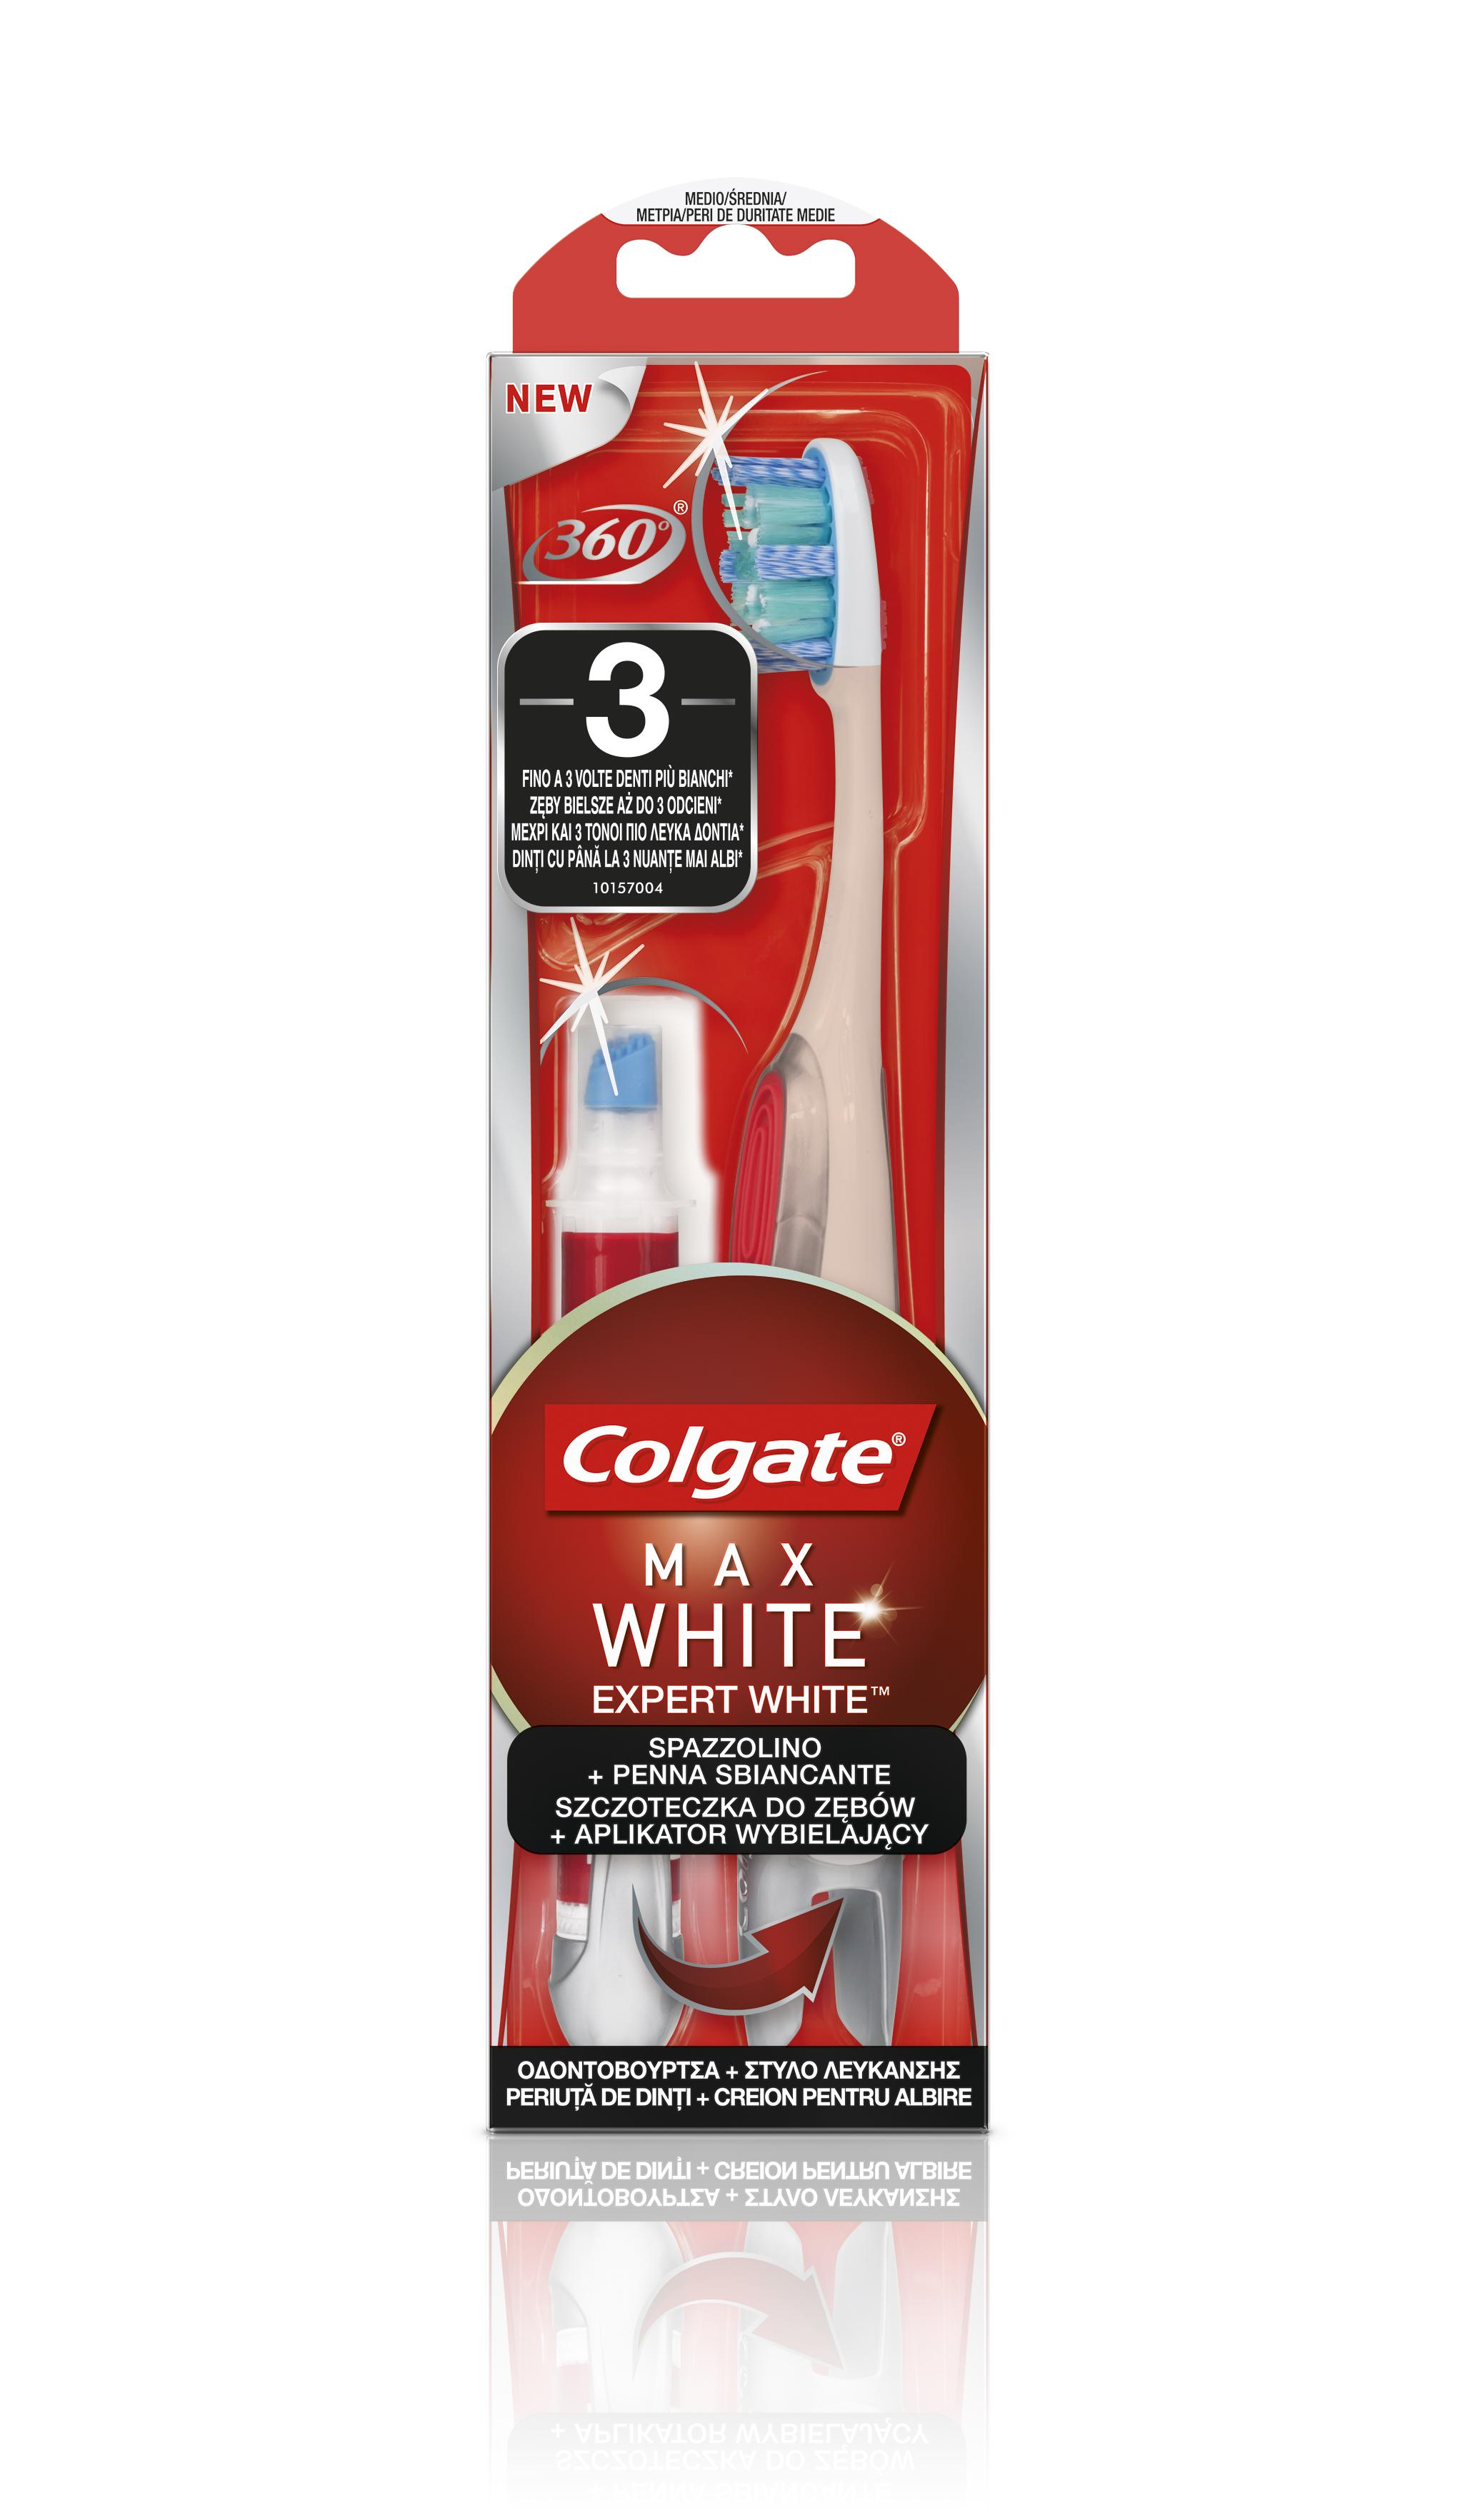 NOU! Periuța de dinți cu creion pentru albire încorporat Colgate® 360° Max White Expert White™